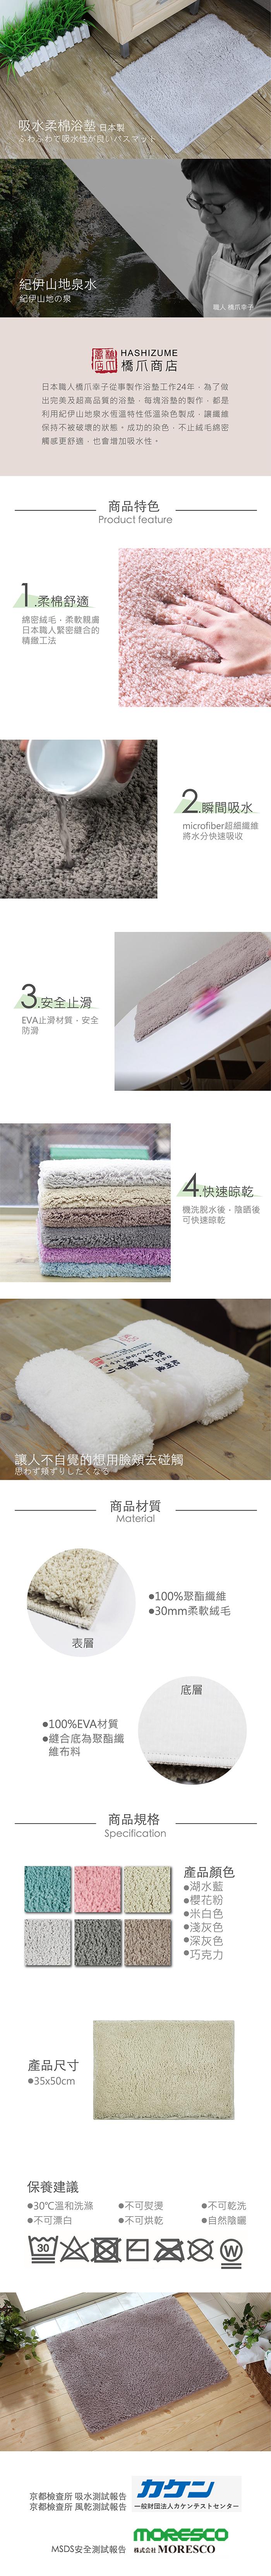 日本品織 |橋爪商店 吸水柔棉浴墊 - 湖水藍